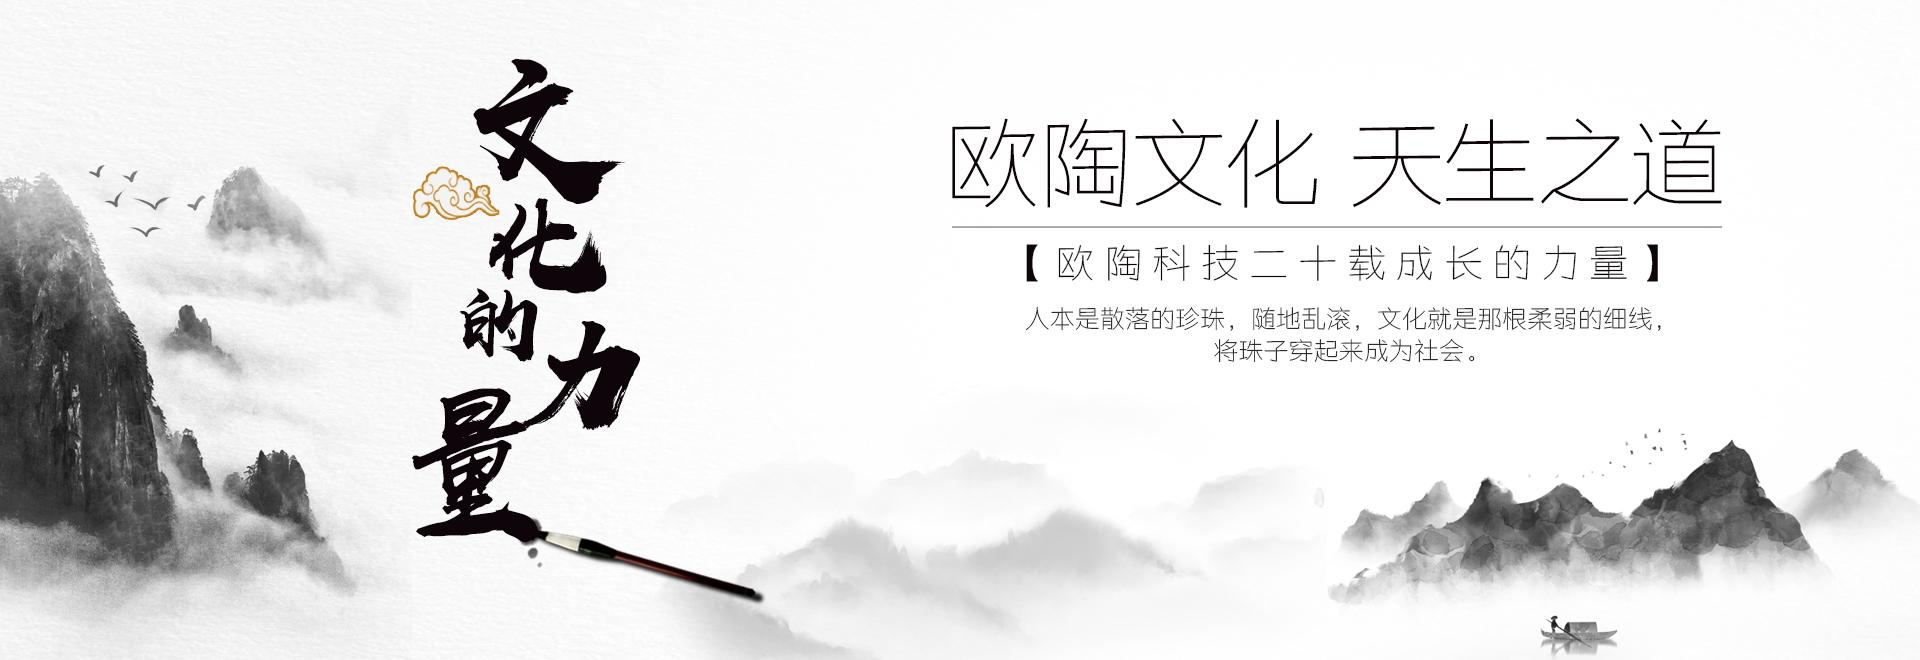 走进yb体yu企业荣誉